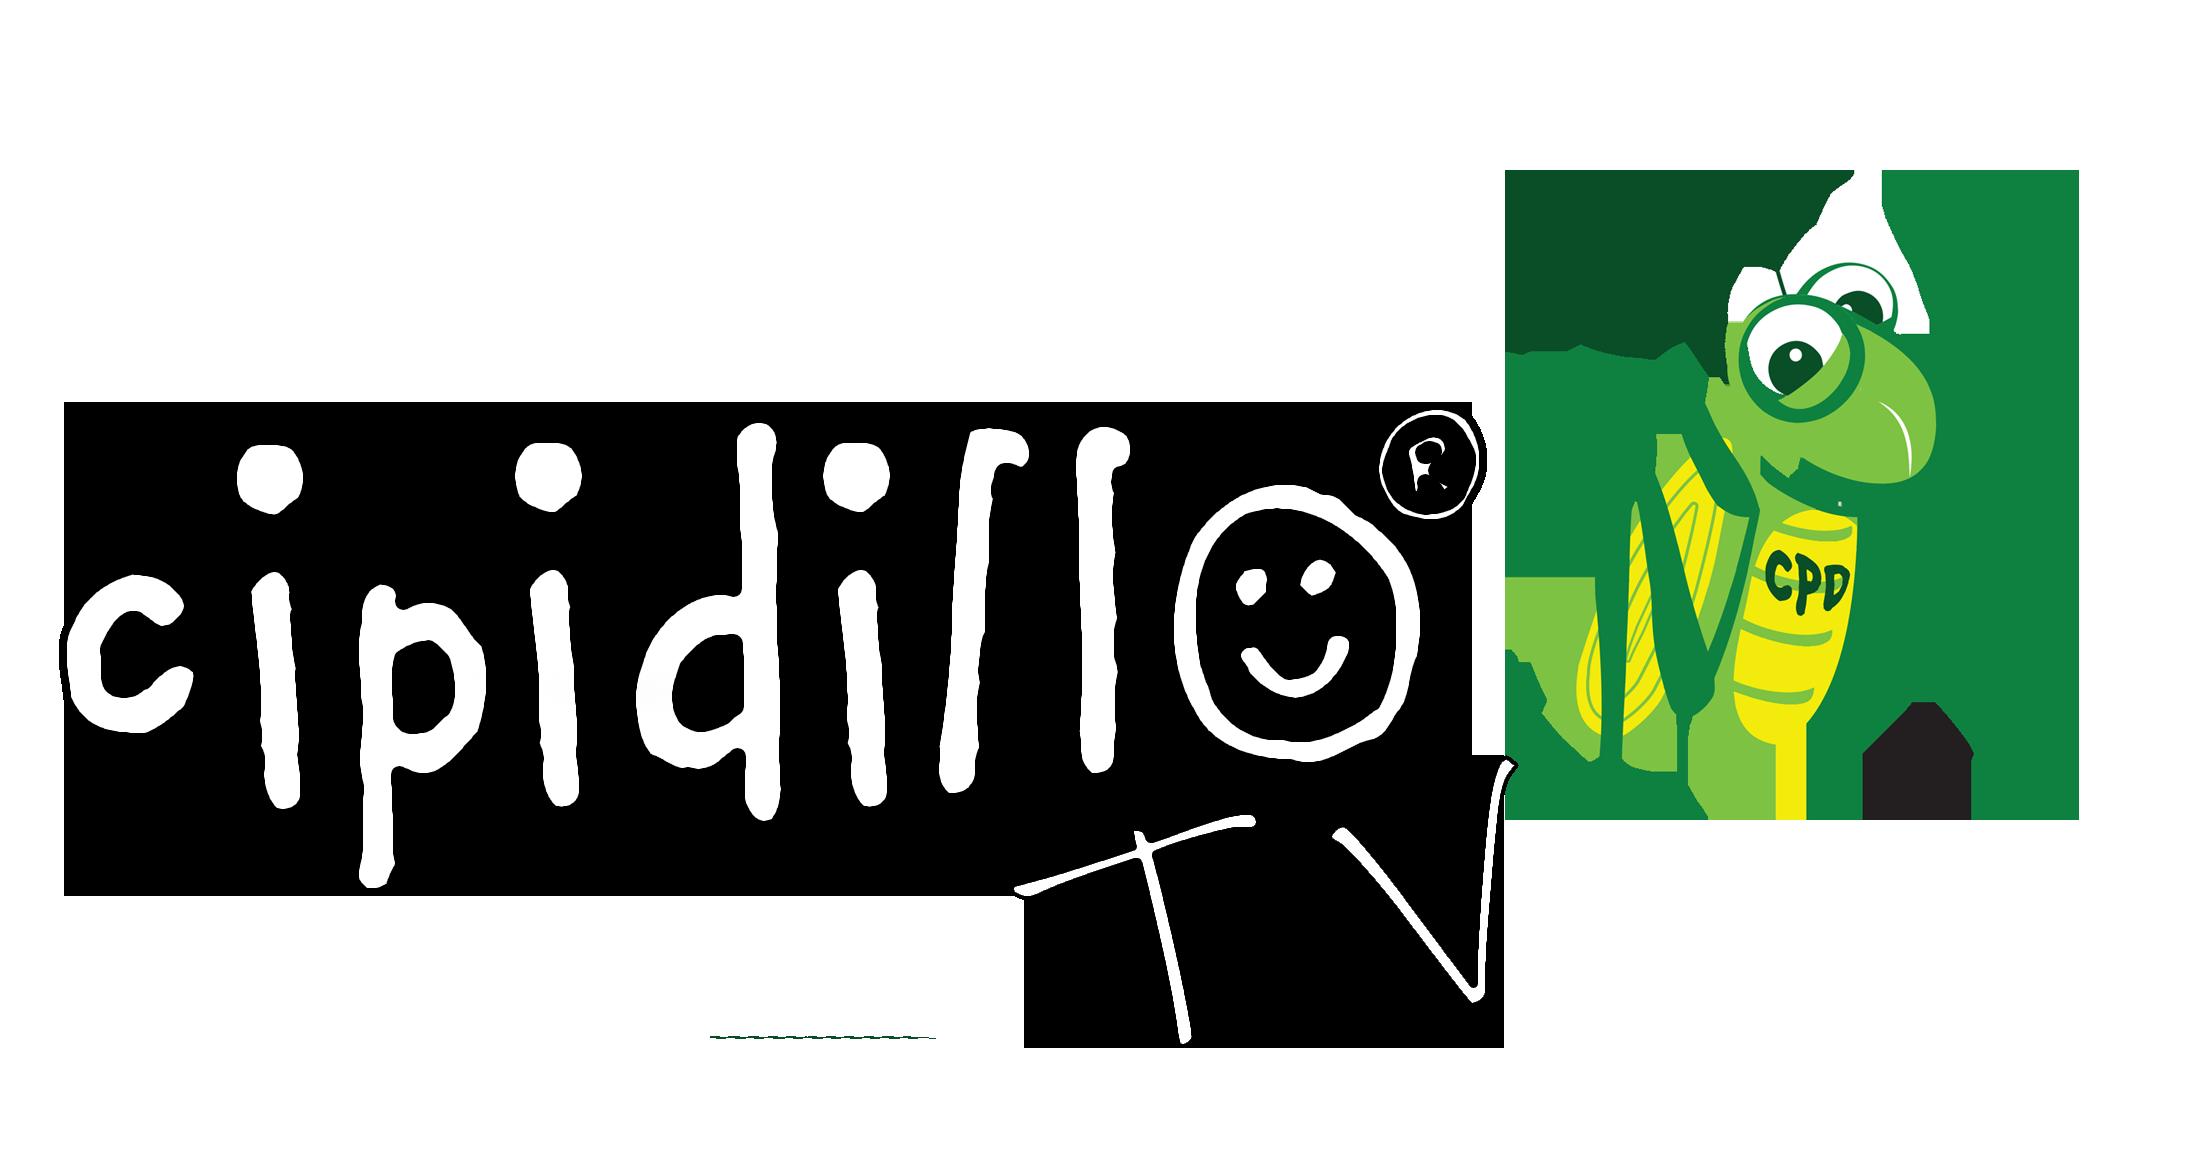 Tg Cipidillo 10 giugno 2020